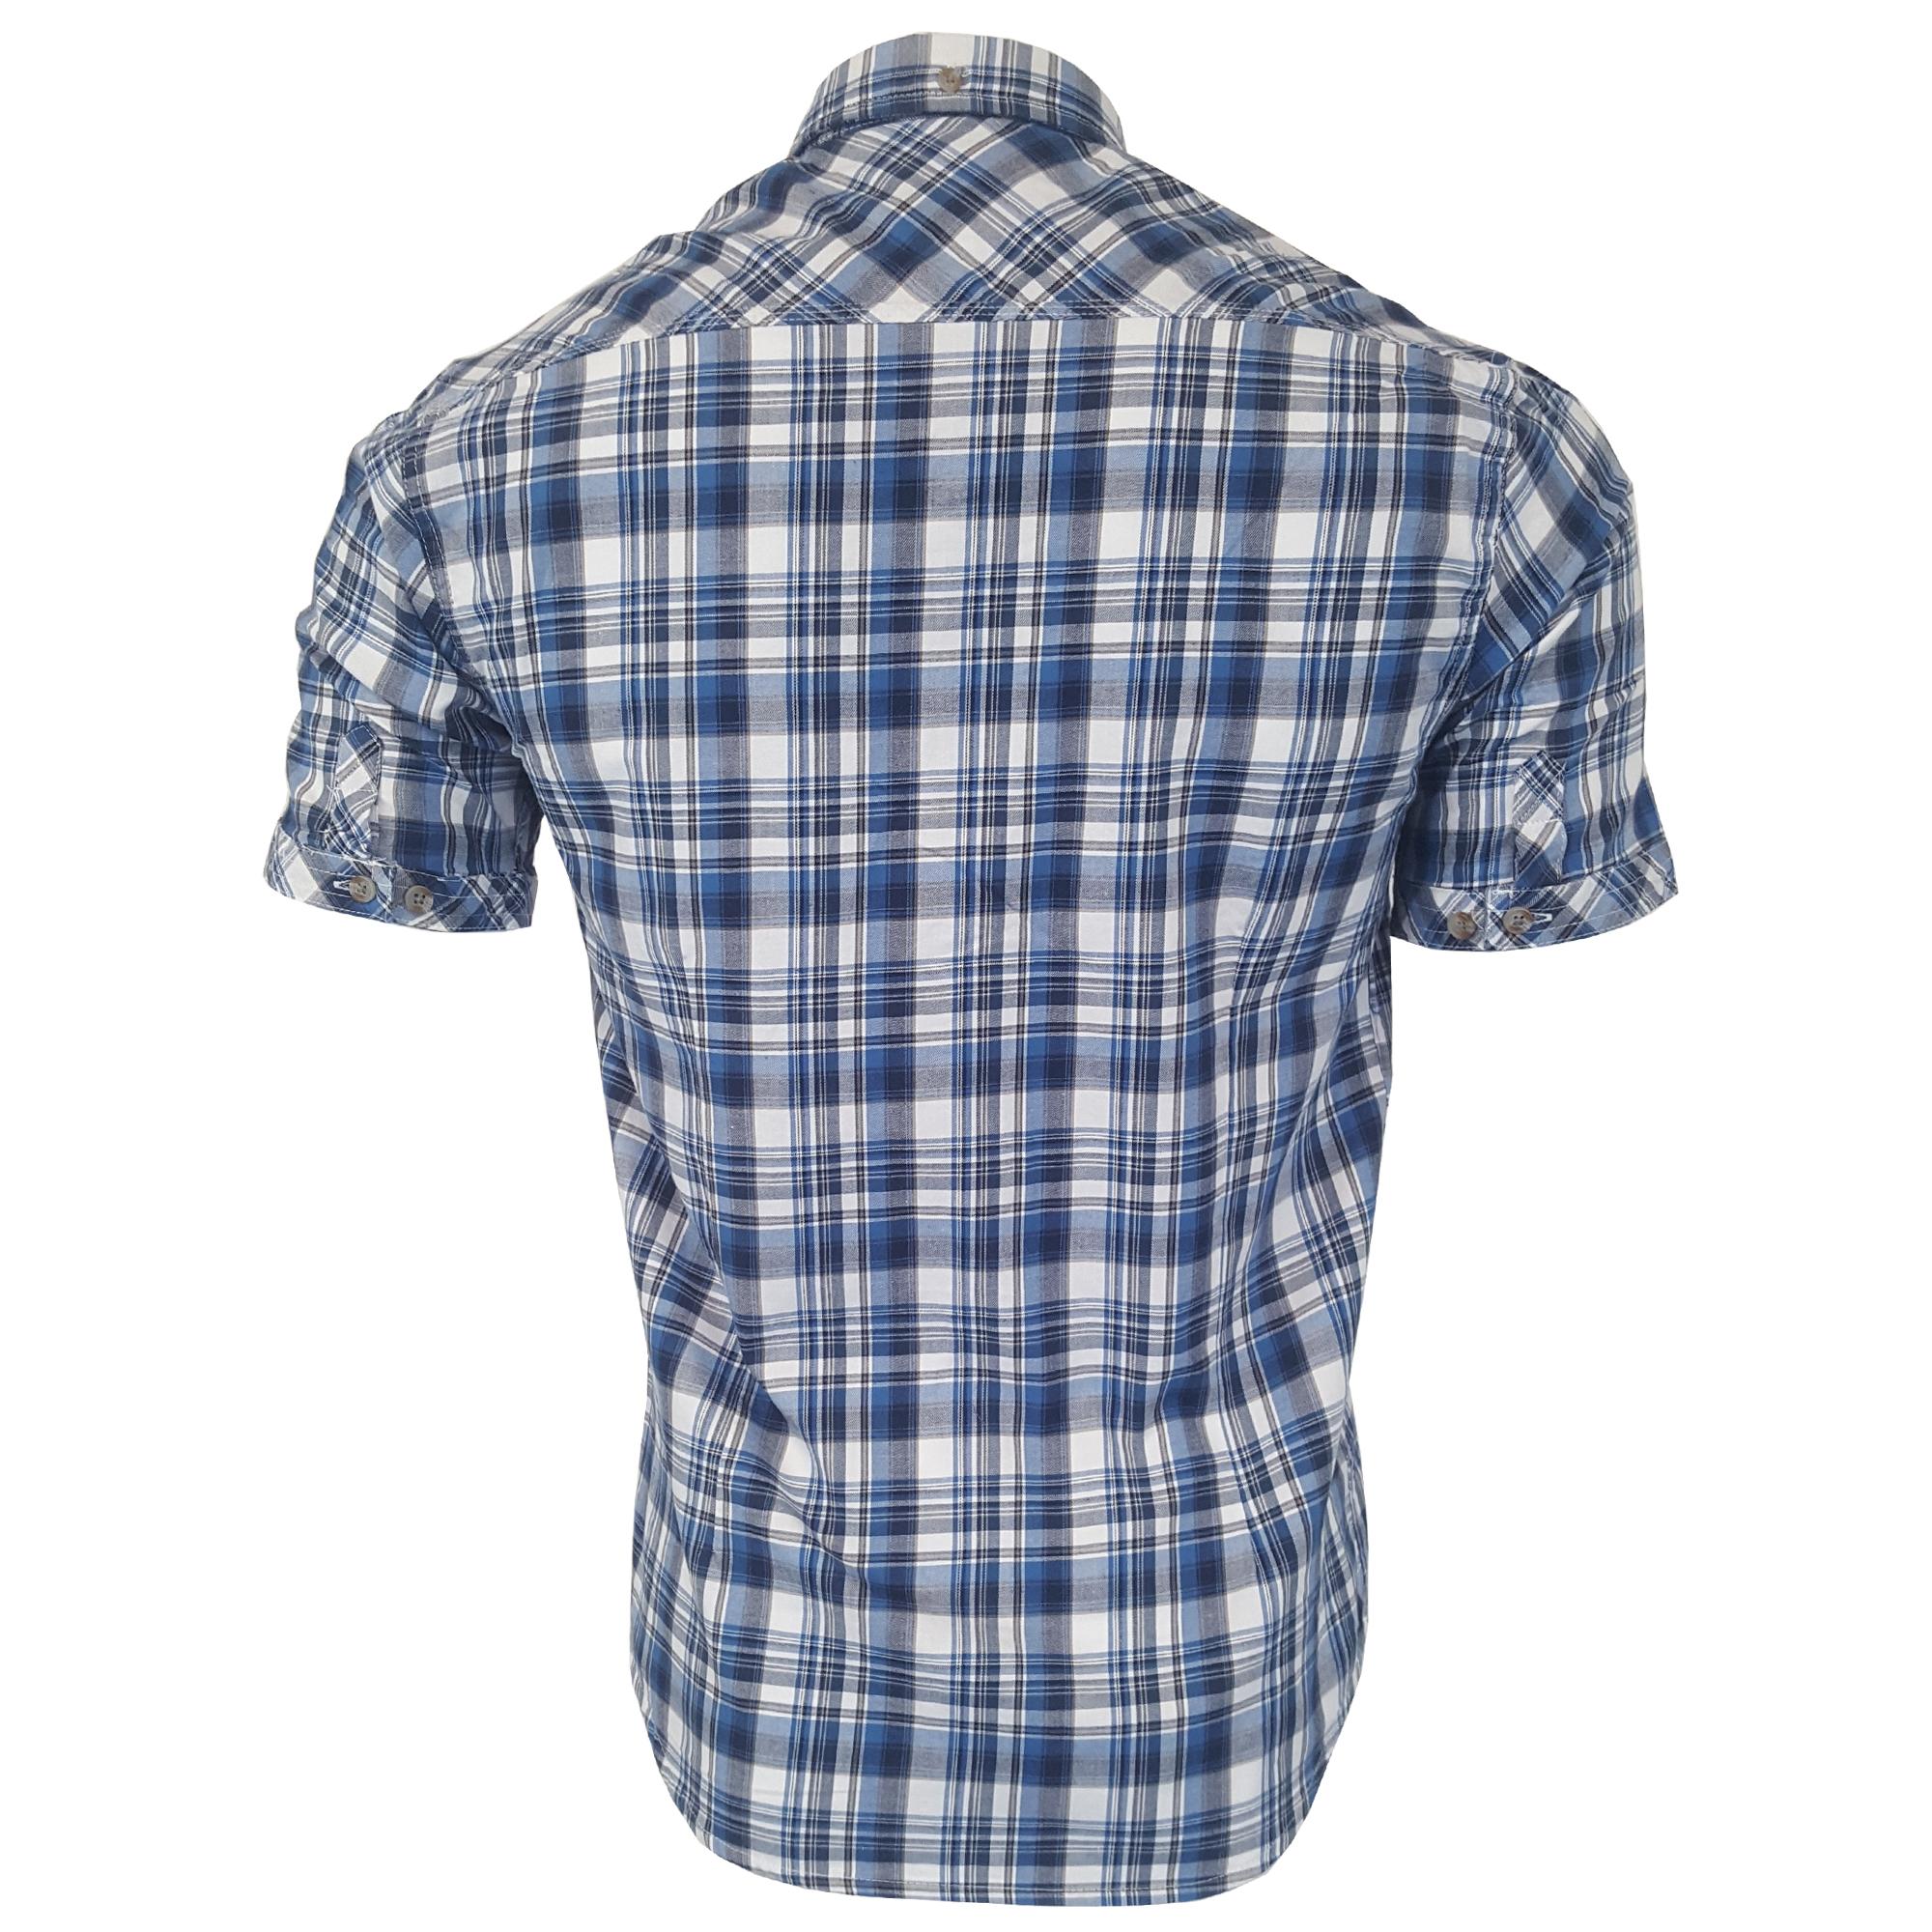 uomo-a-scacchi-tartan-Camicie-Tokyo-Laundry-Ashmore-manica-corta-Stafford-ESTATE